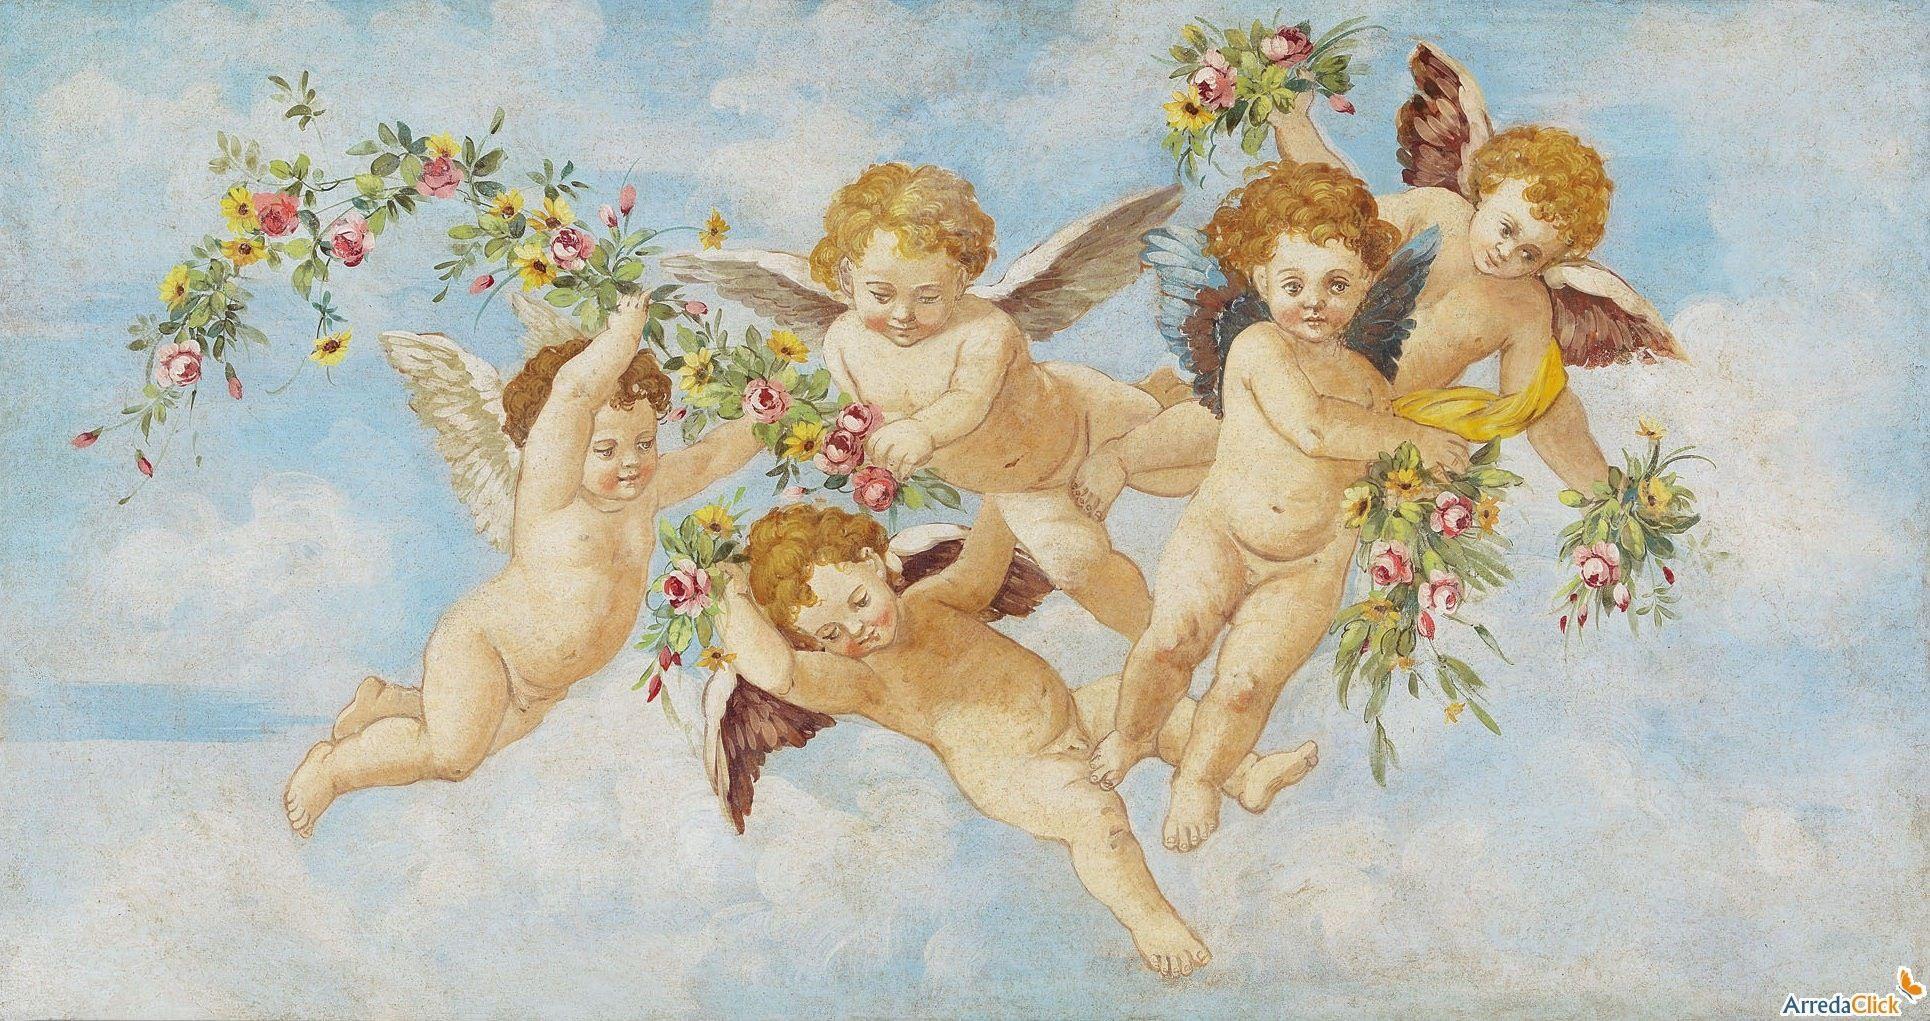 рамблеров картинки античные ангелочки принесший